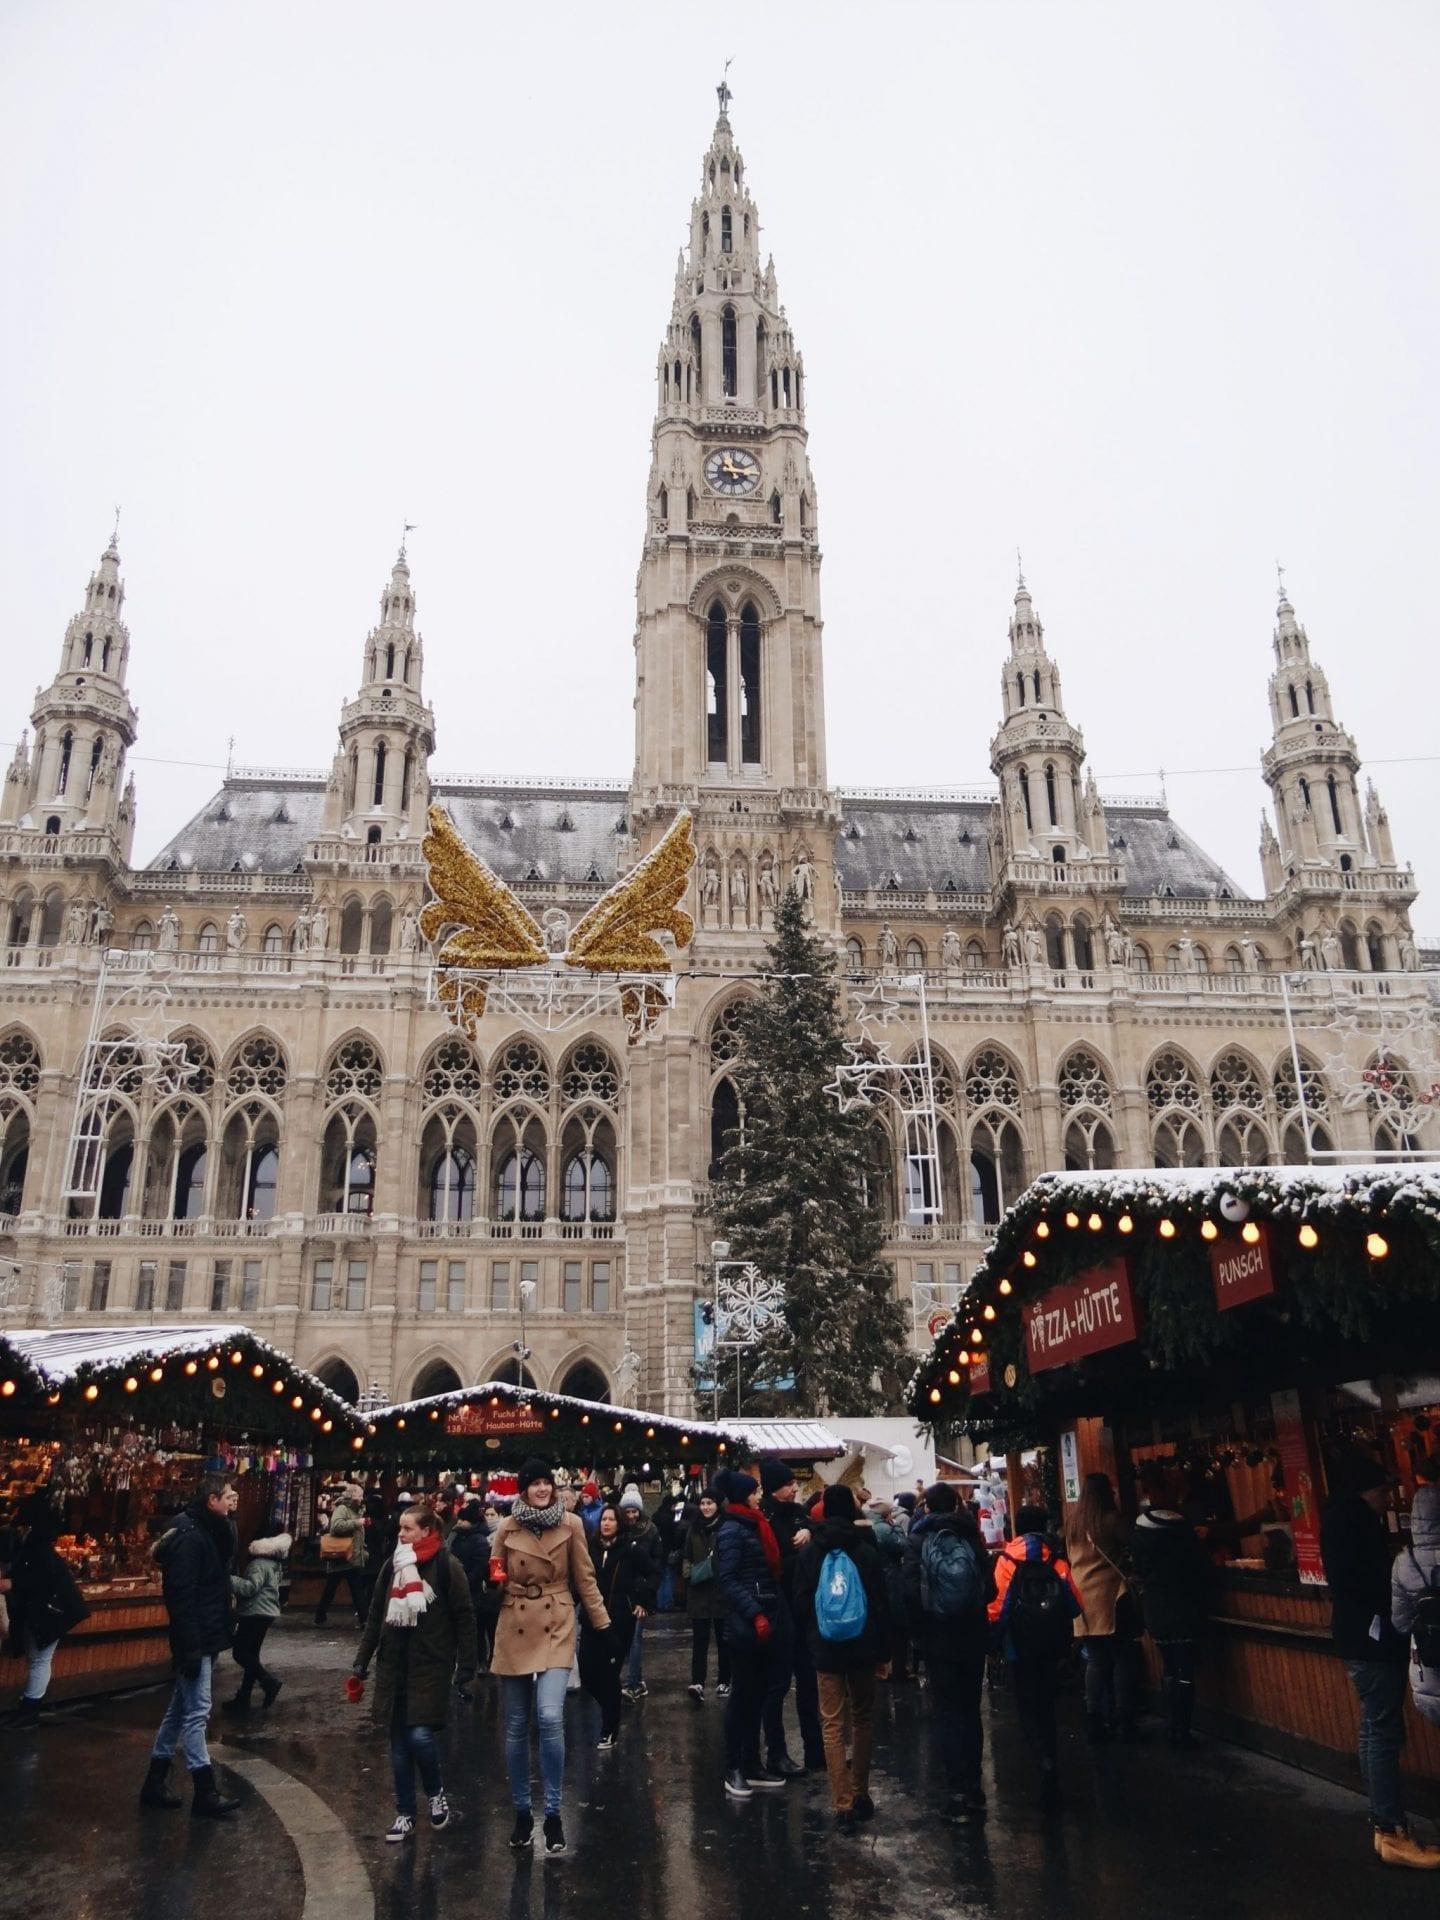 Christmas market in Rathaus, Vienna